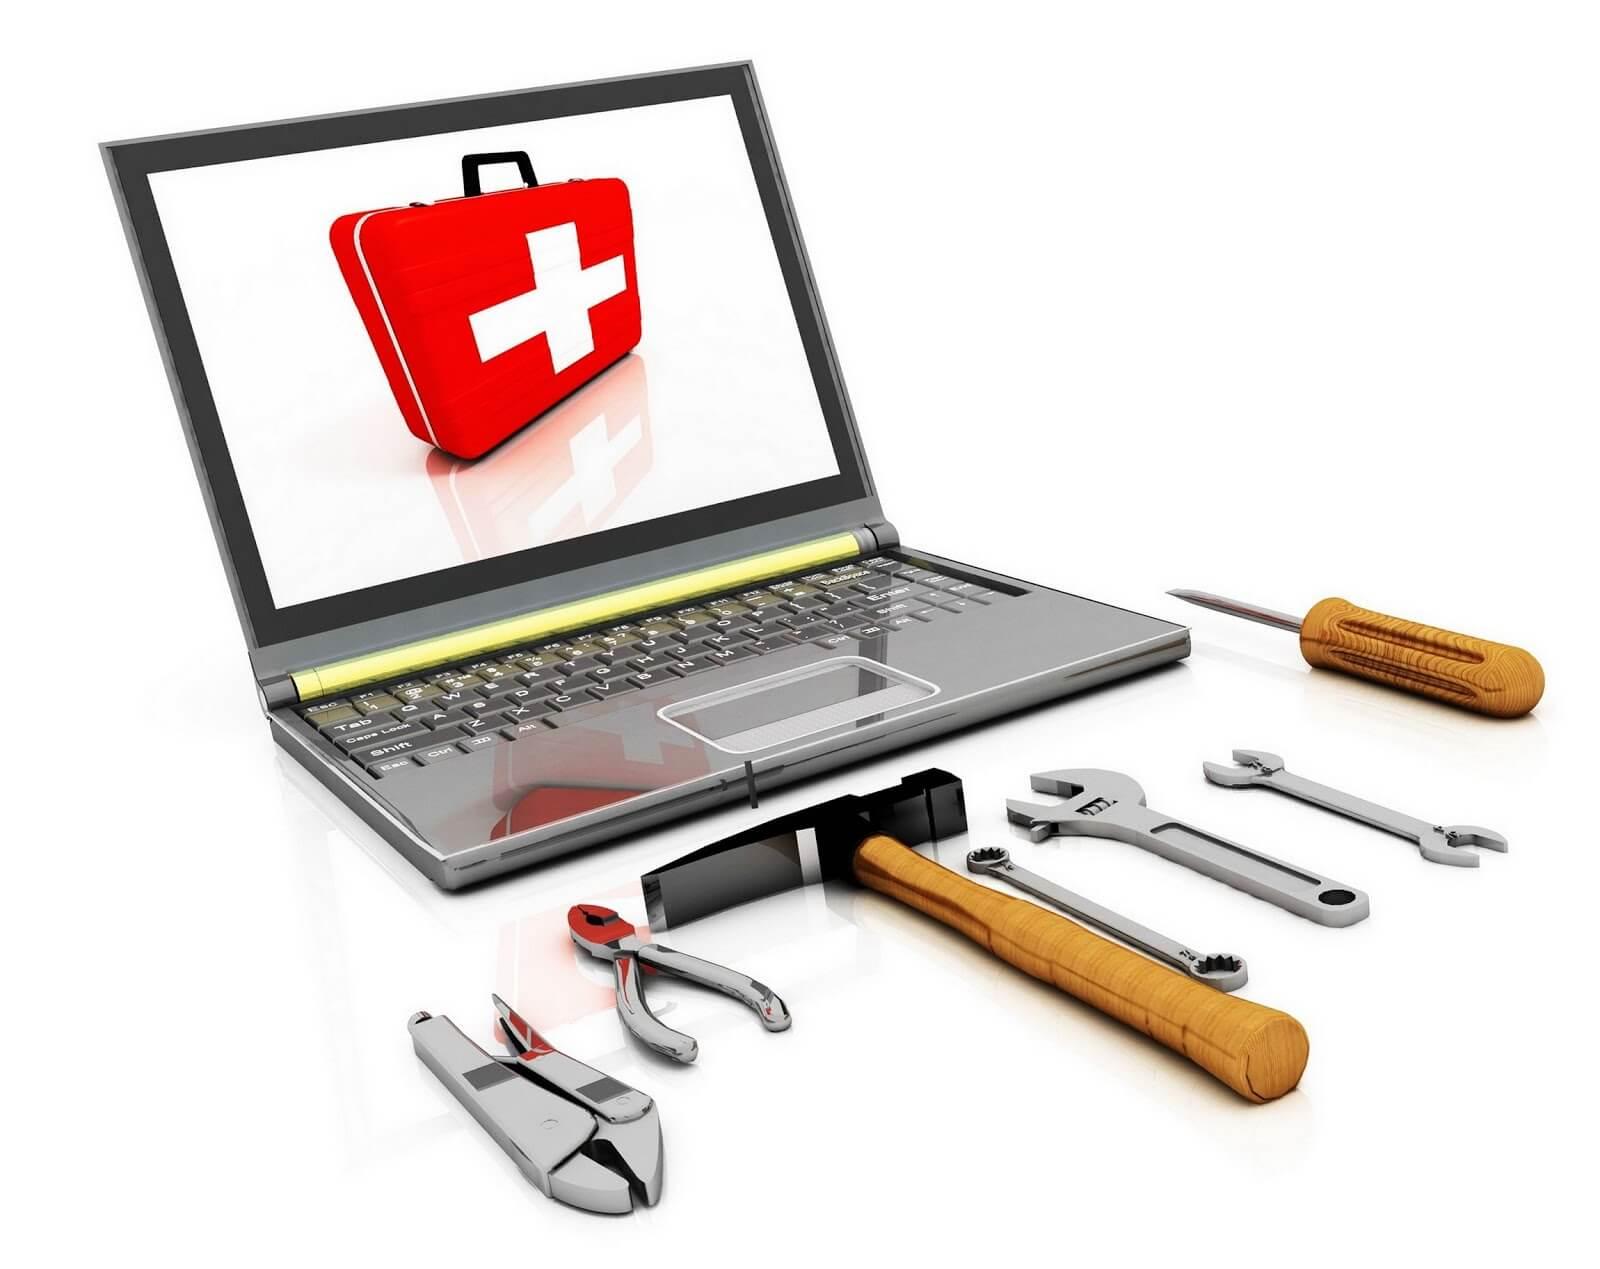 ОКВЭД: ремонт компьютеров